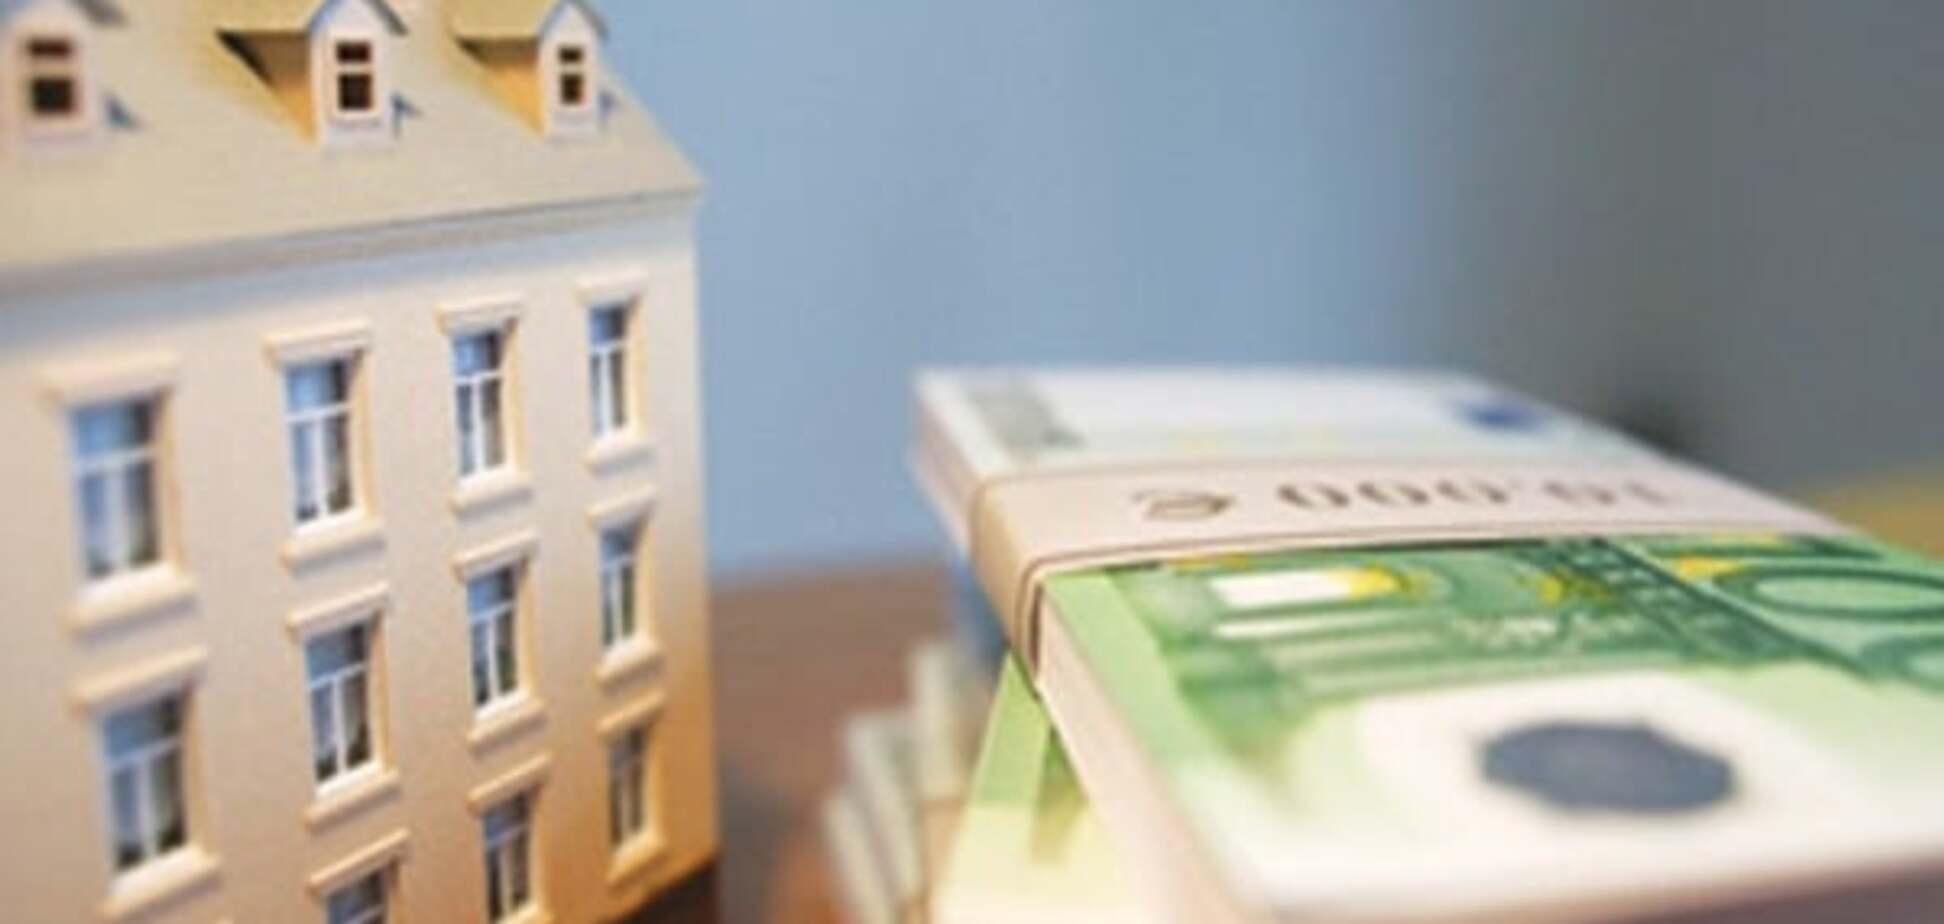 Пільгове житло в Україні стане недоступним: ставка по кредиту зросте втричі